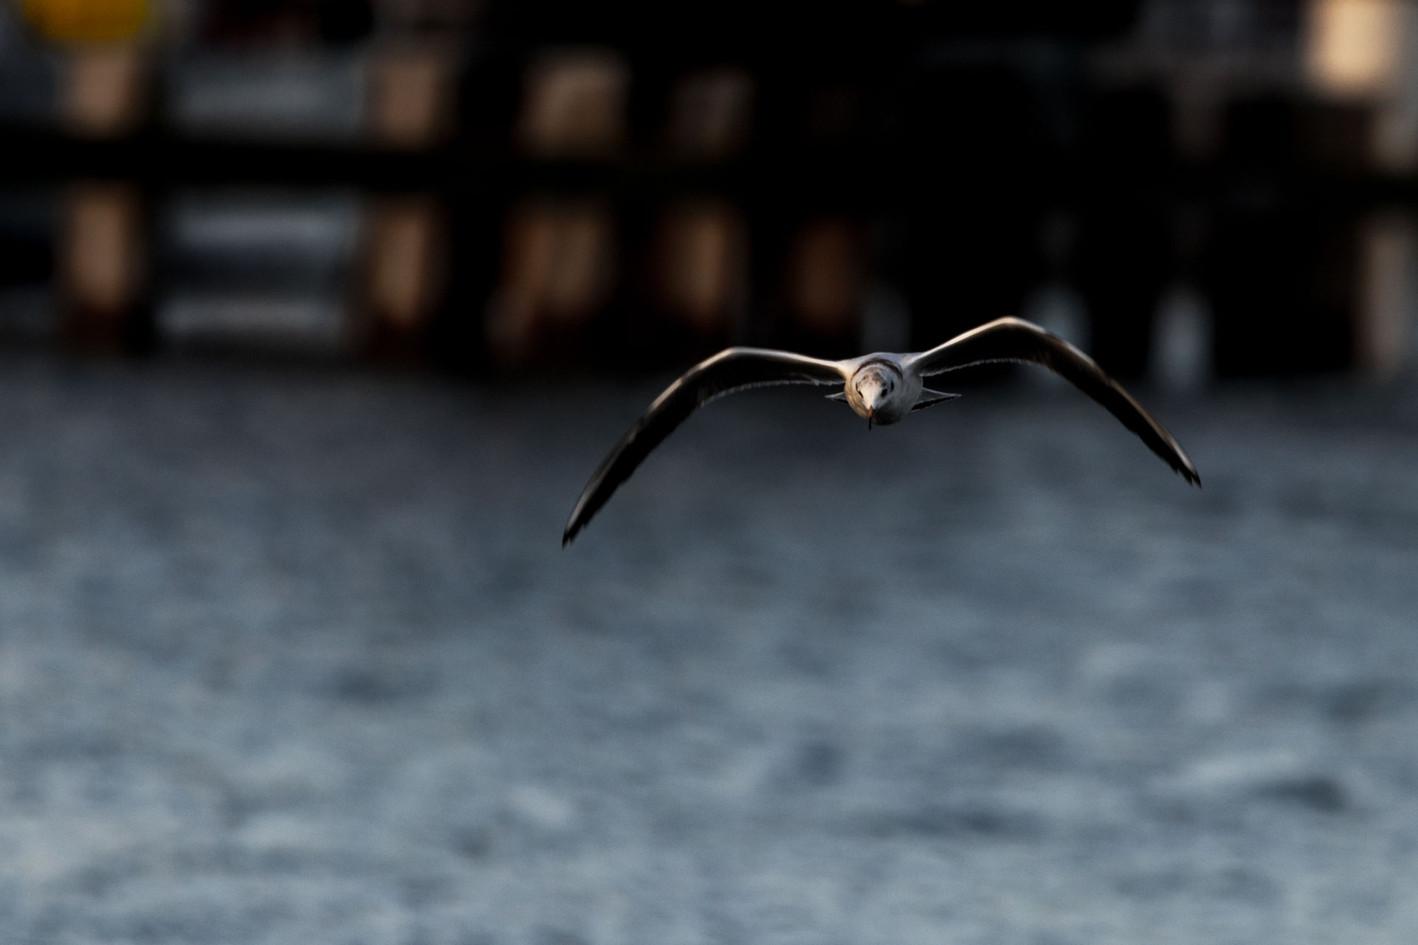 Moewe-im-Flug-ueber-das-Wasser-Greifswal